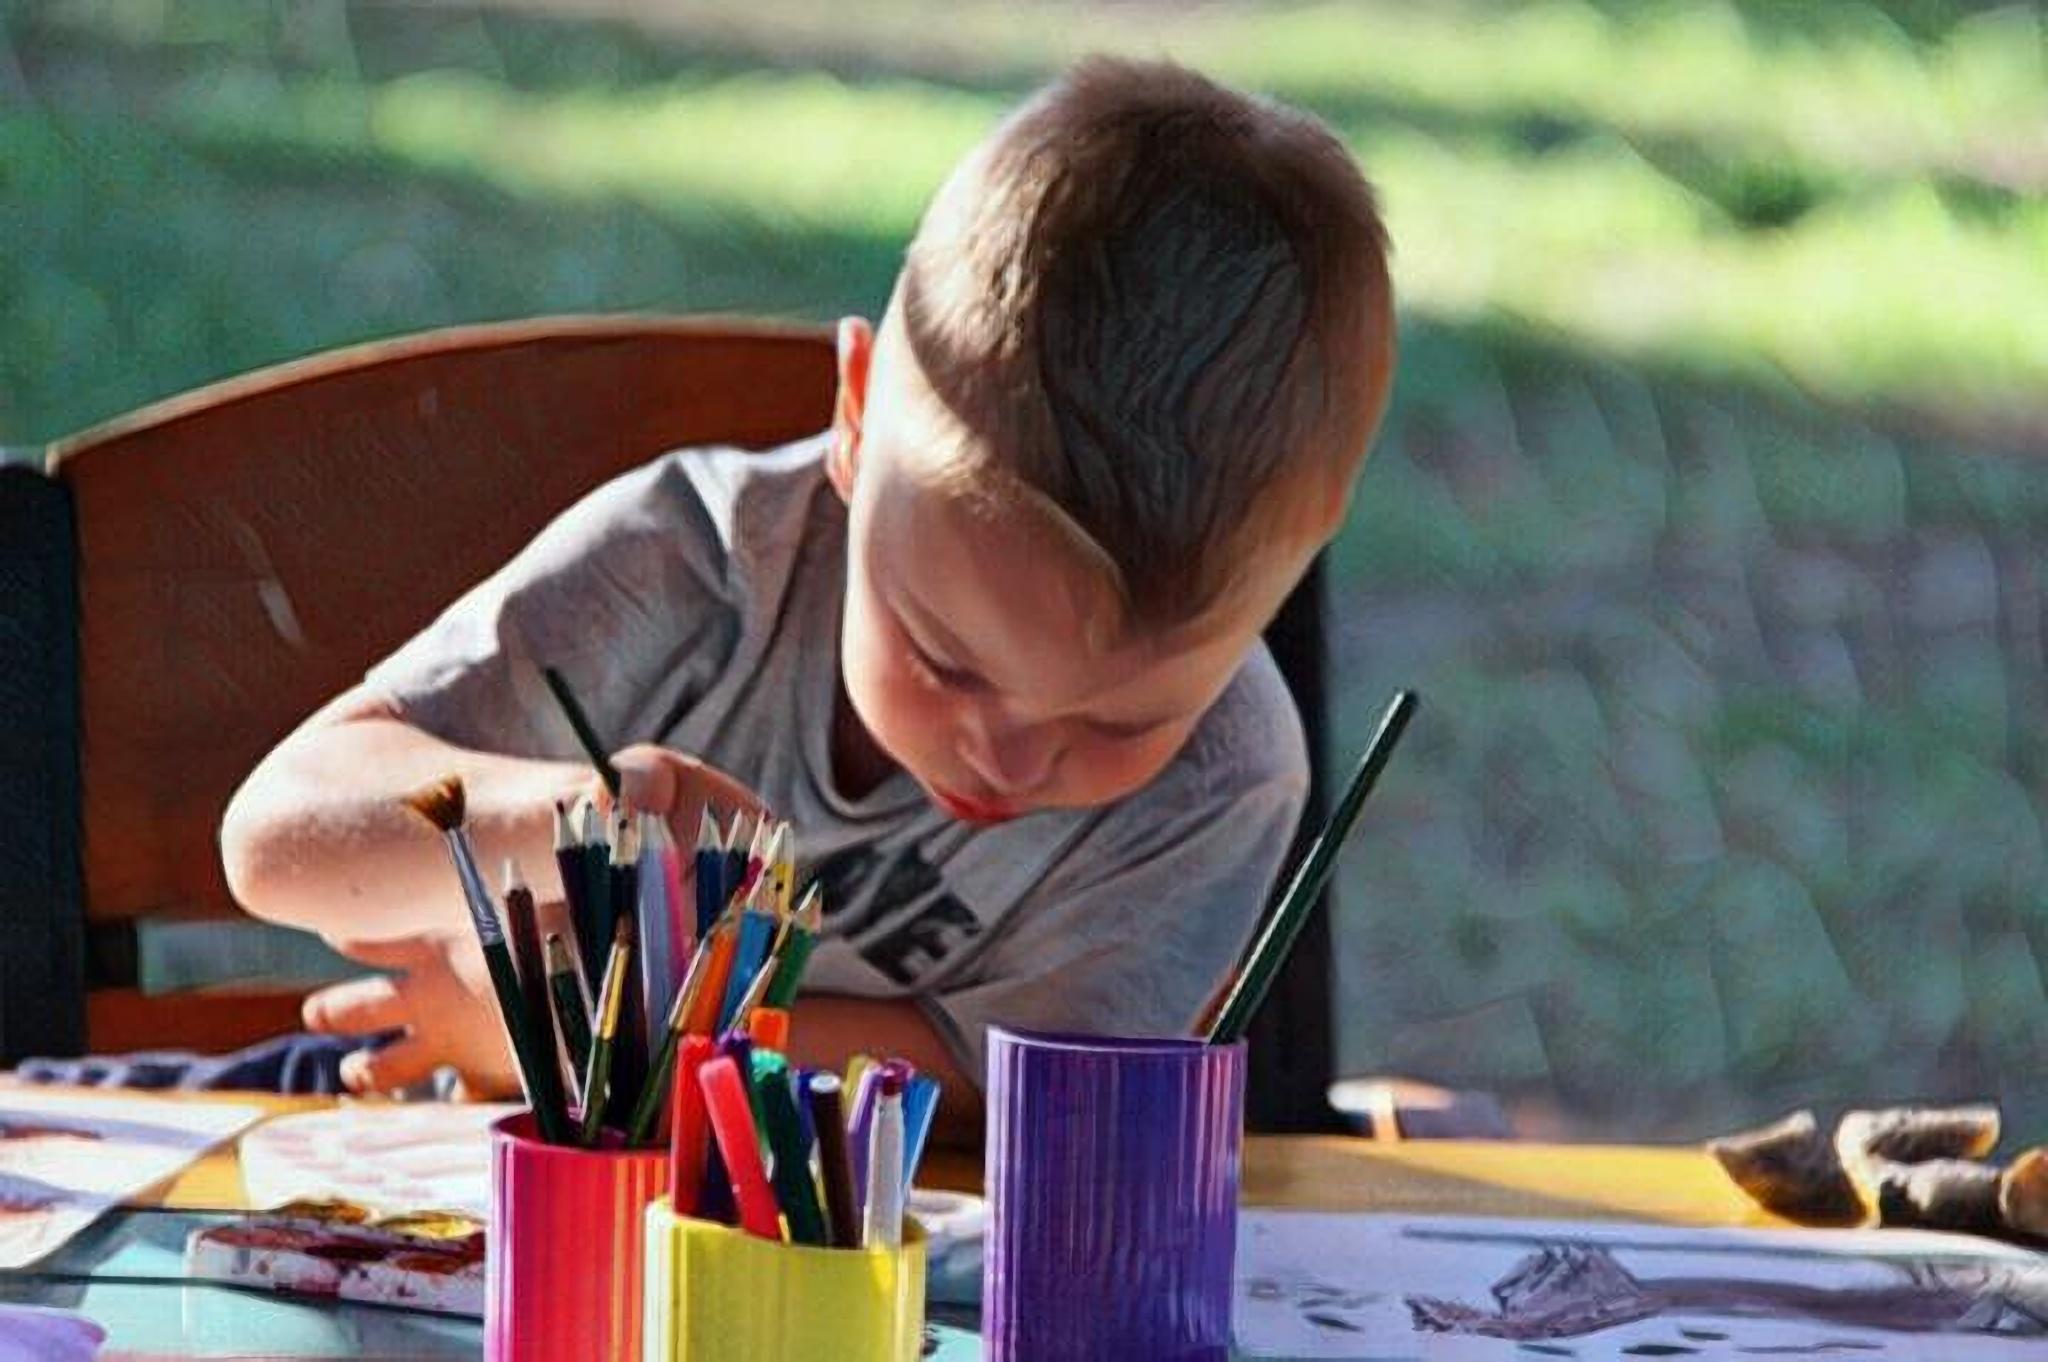 El desarrollo de habilidades artísticas